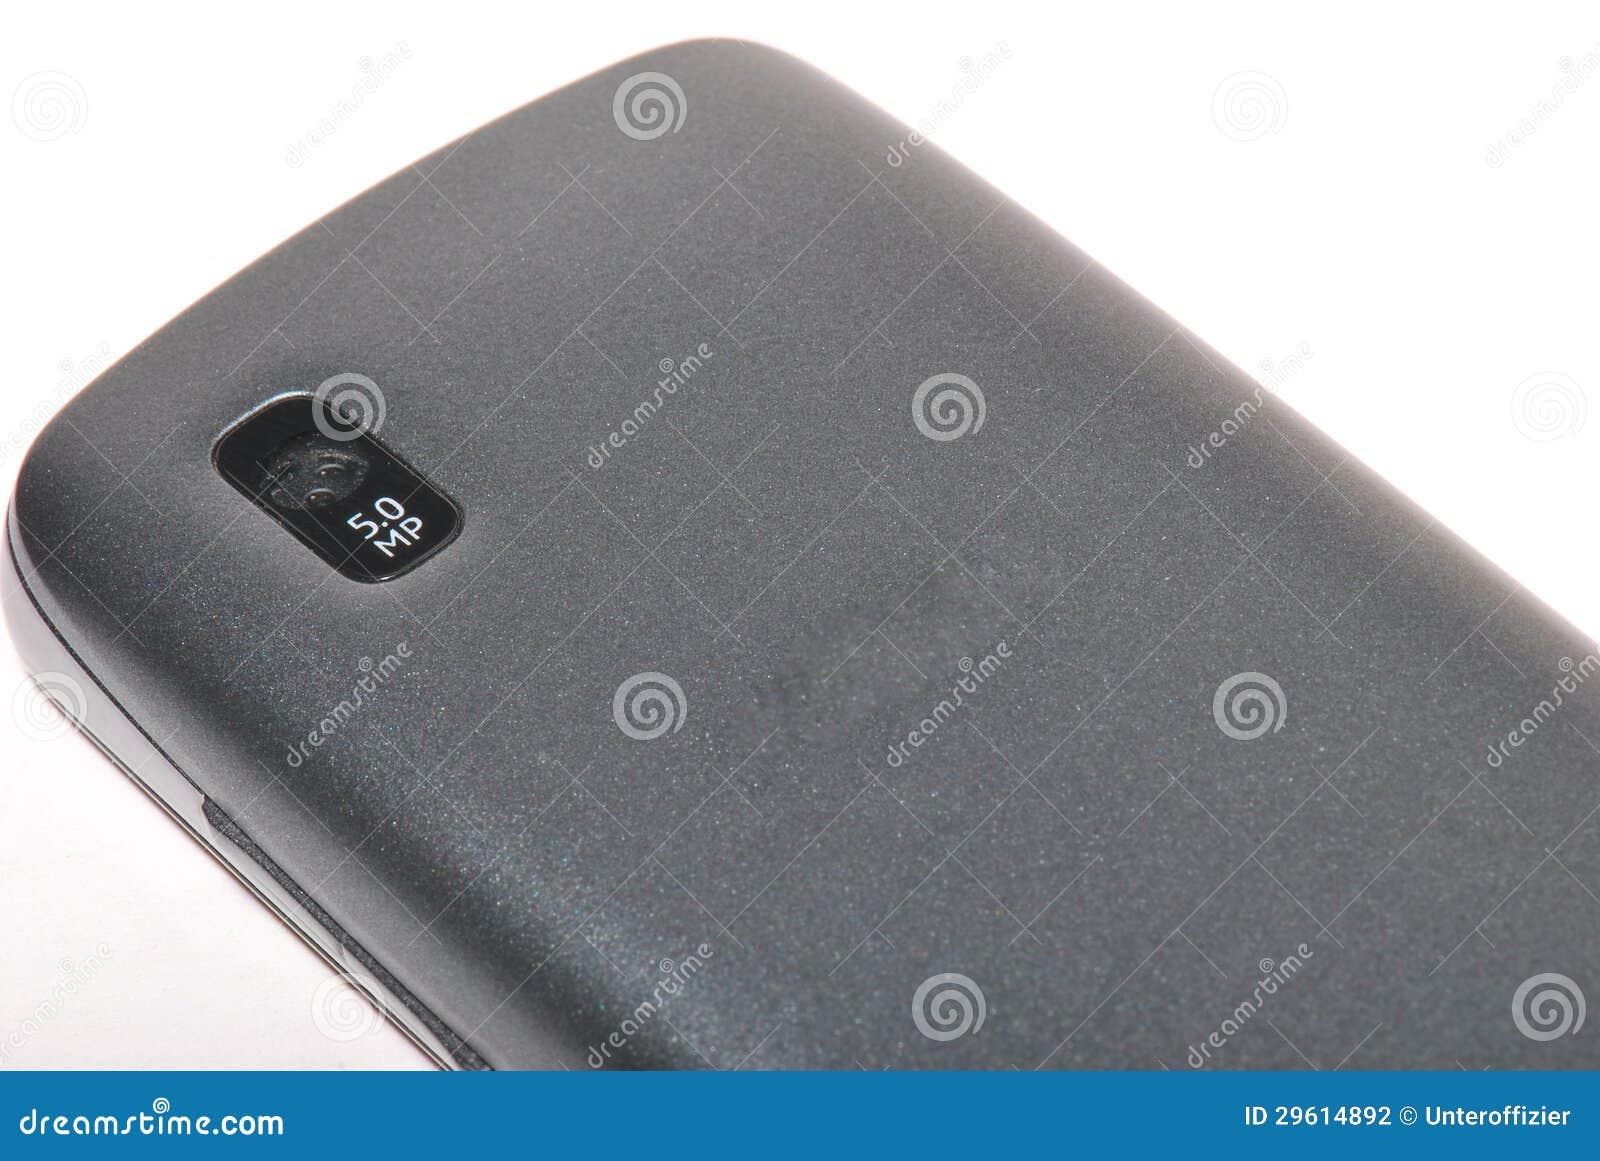 Teléfono móvil con la cámara